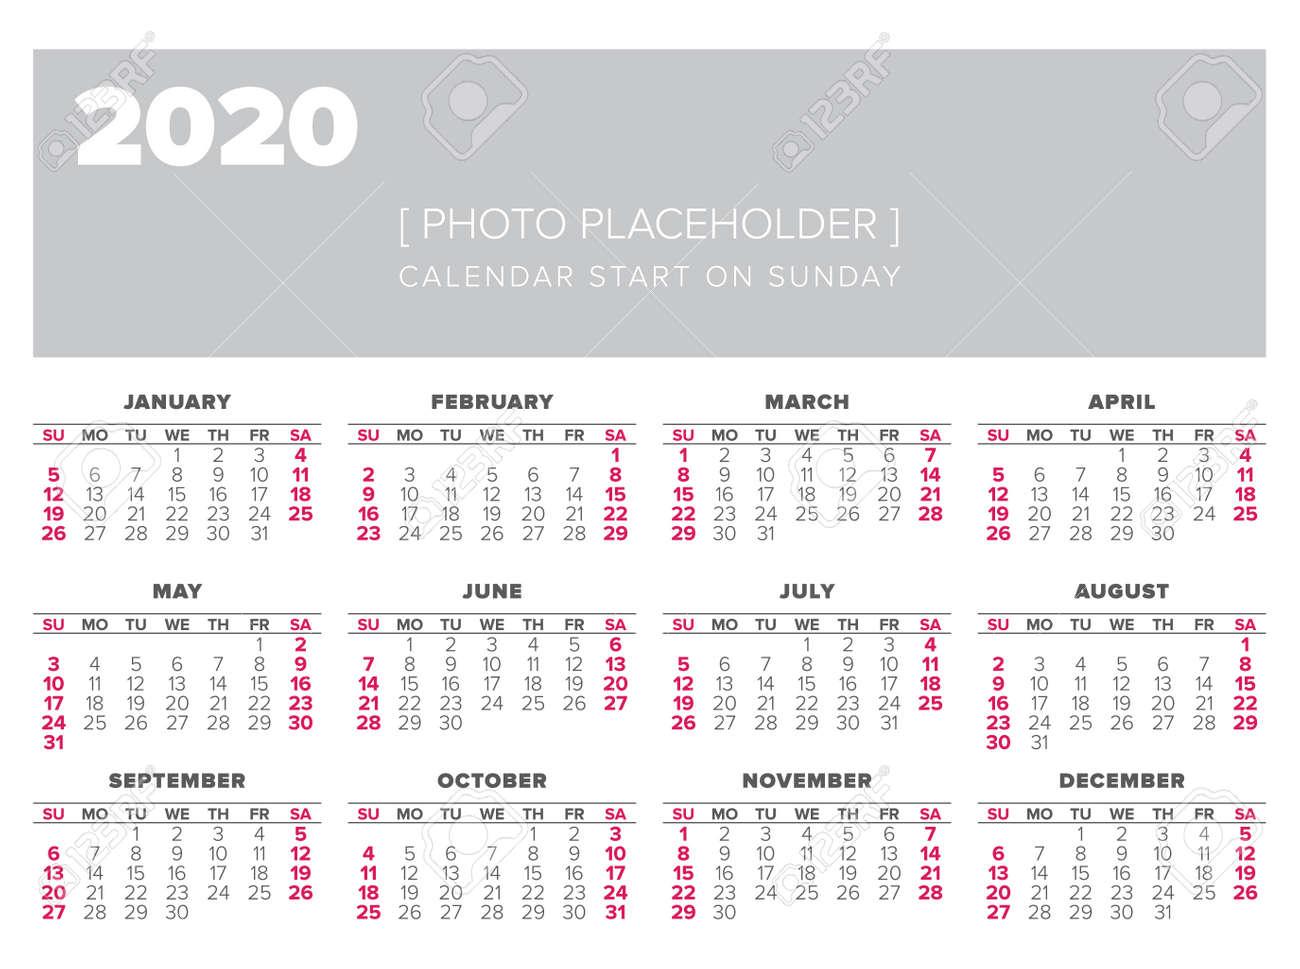 Modele De Calendrier 2020.Calendrier 2020 Annee Modele De Conception De Vecteur Commence Le Dimanche